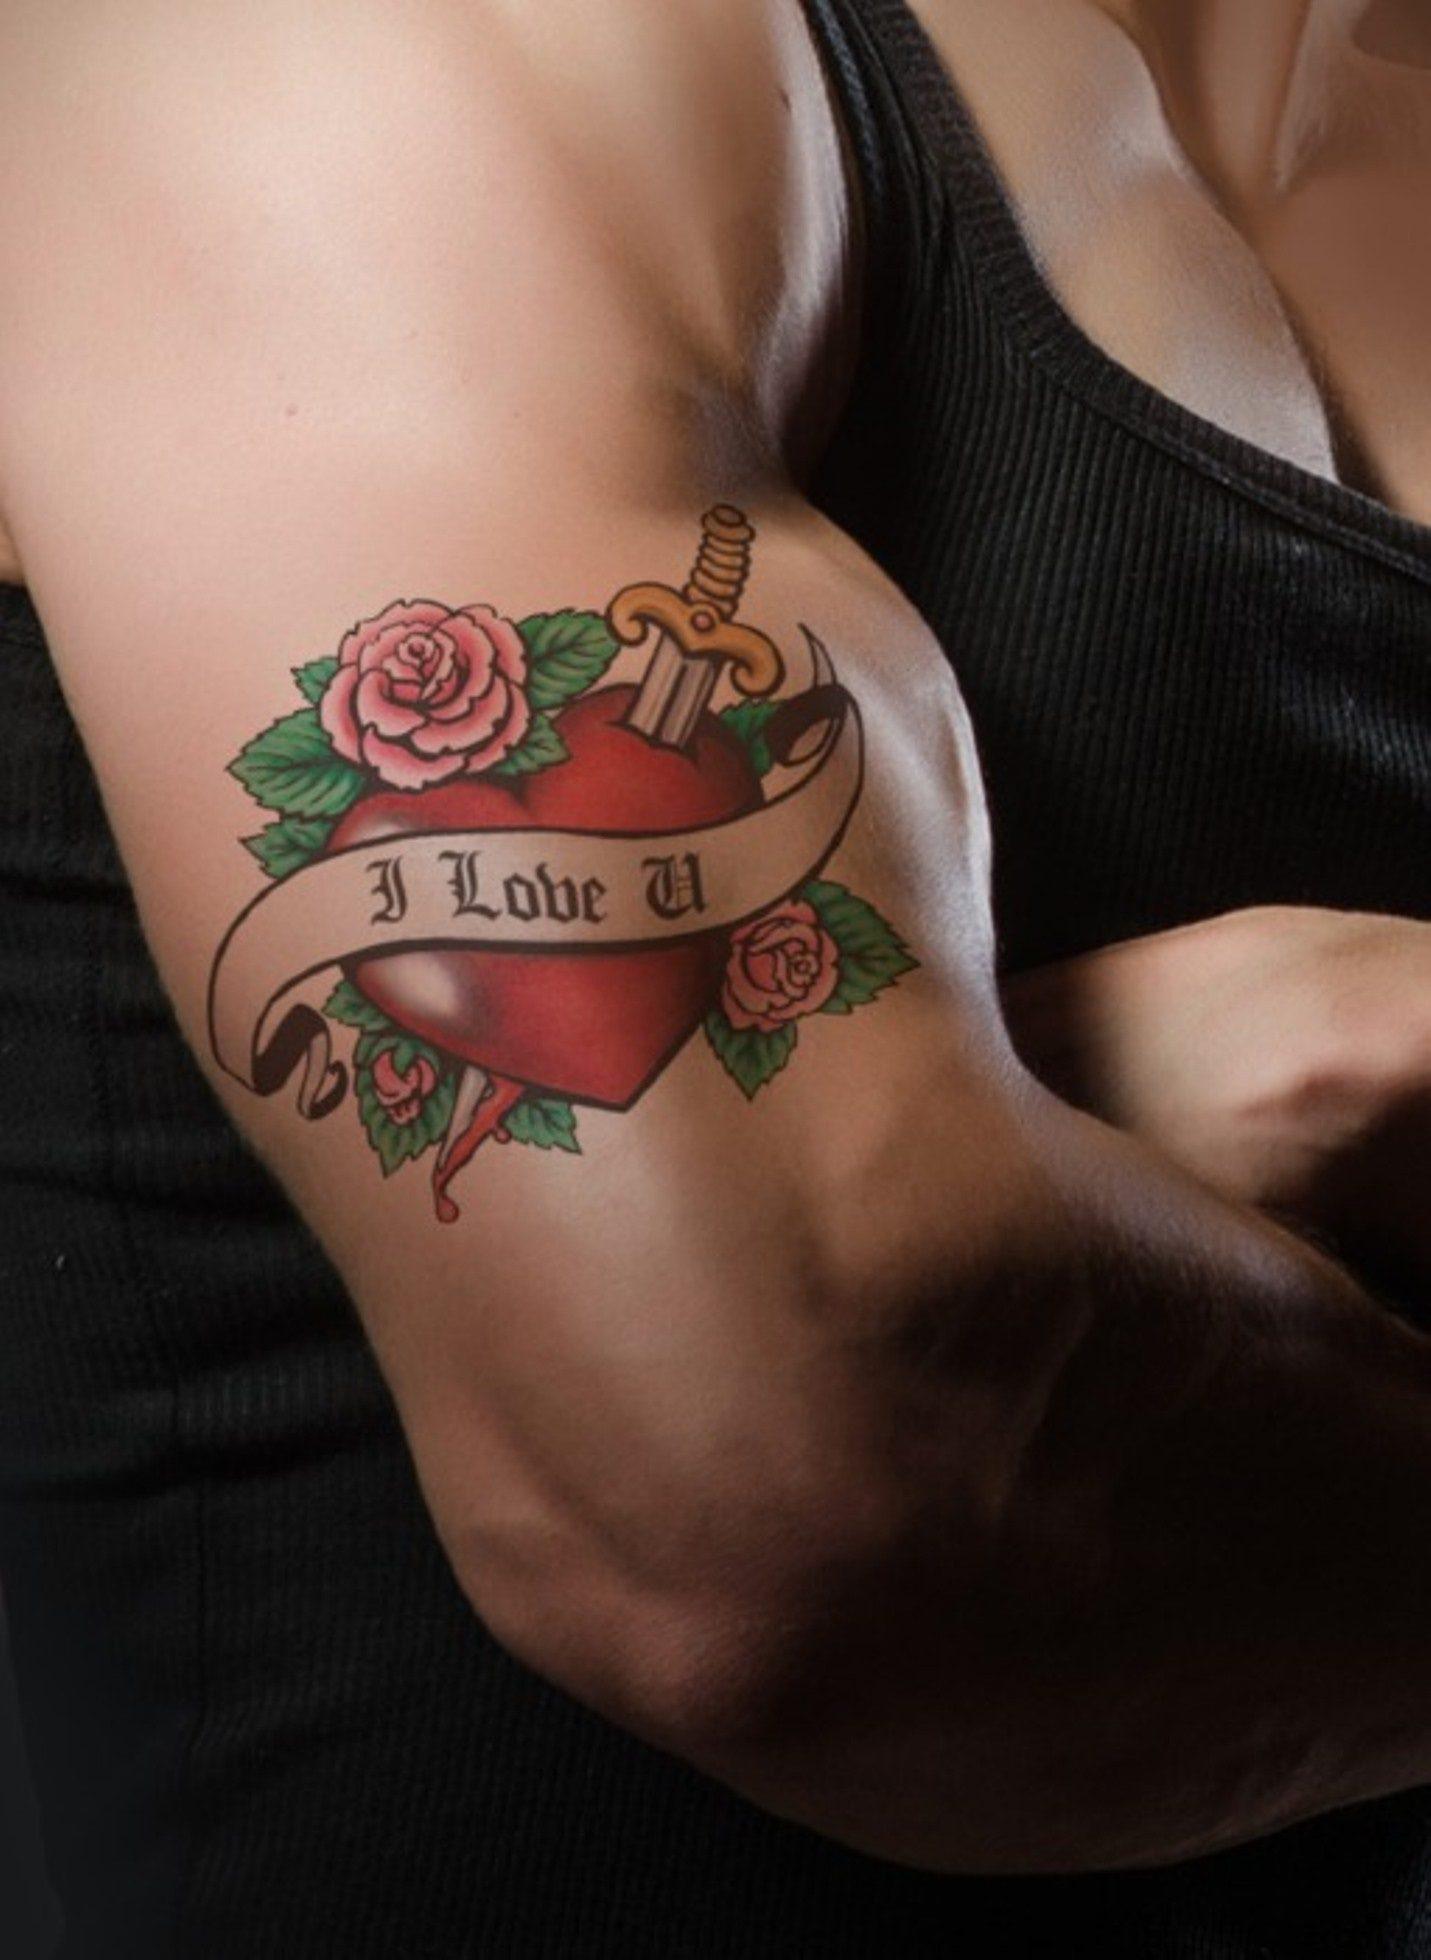 festa transfer tattoos